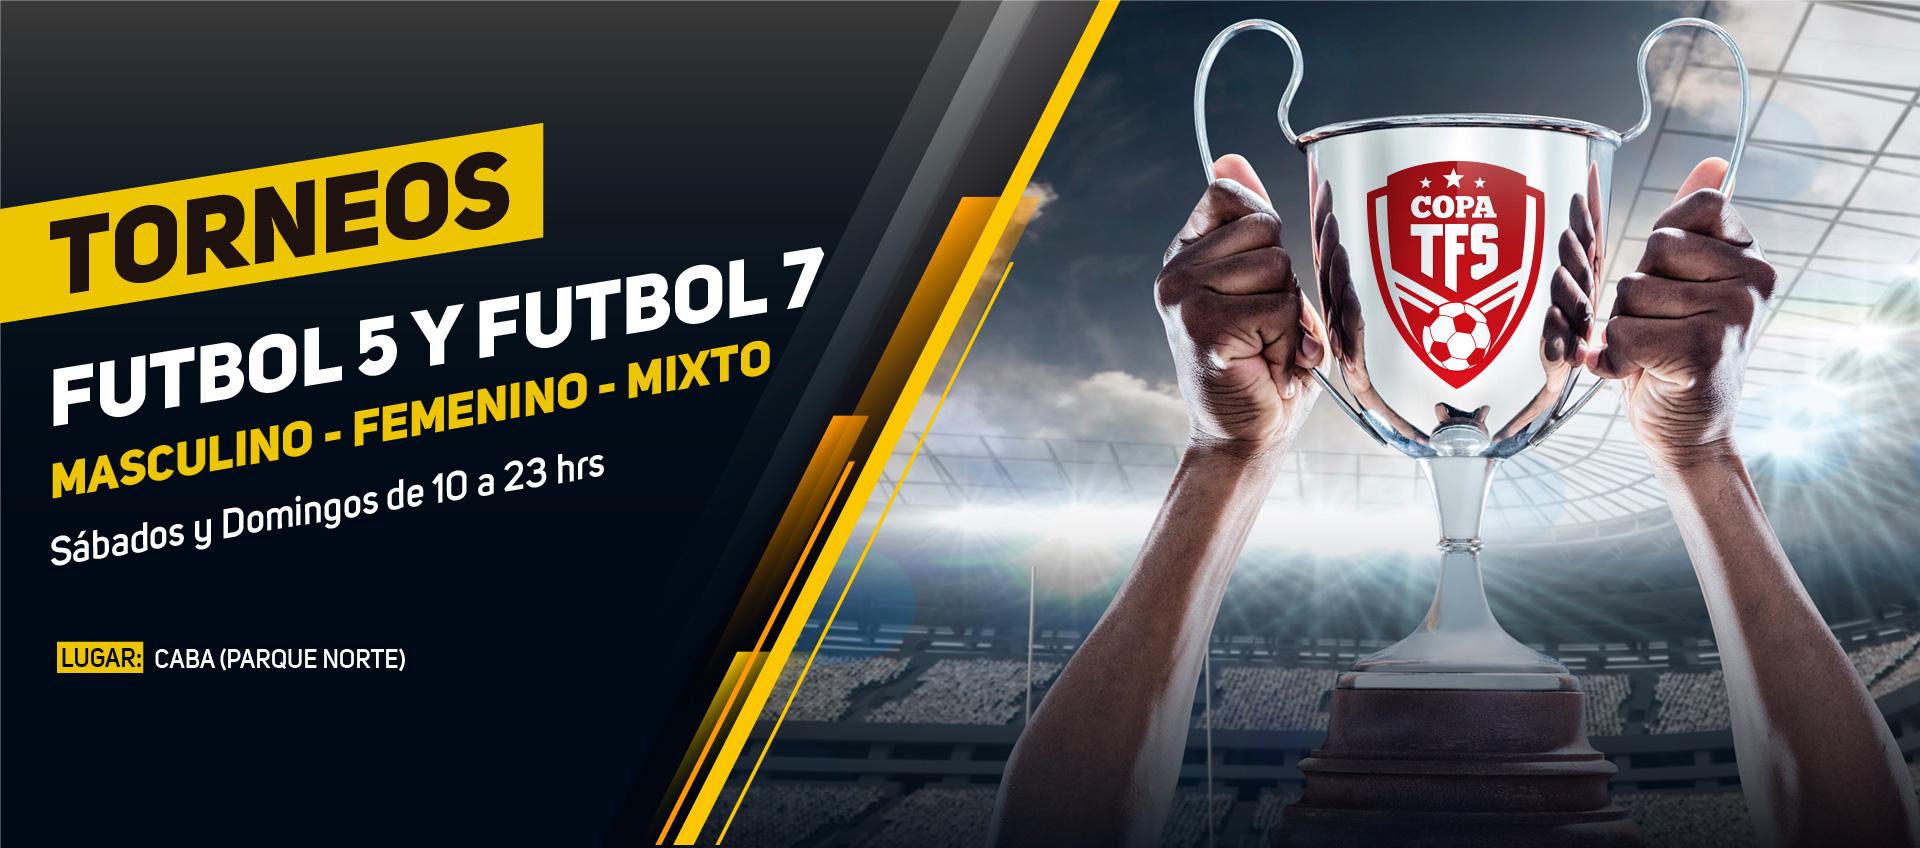 Copa TFS